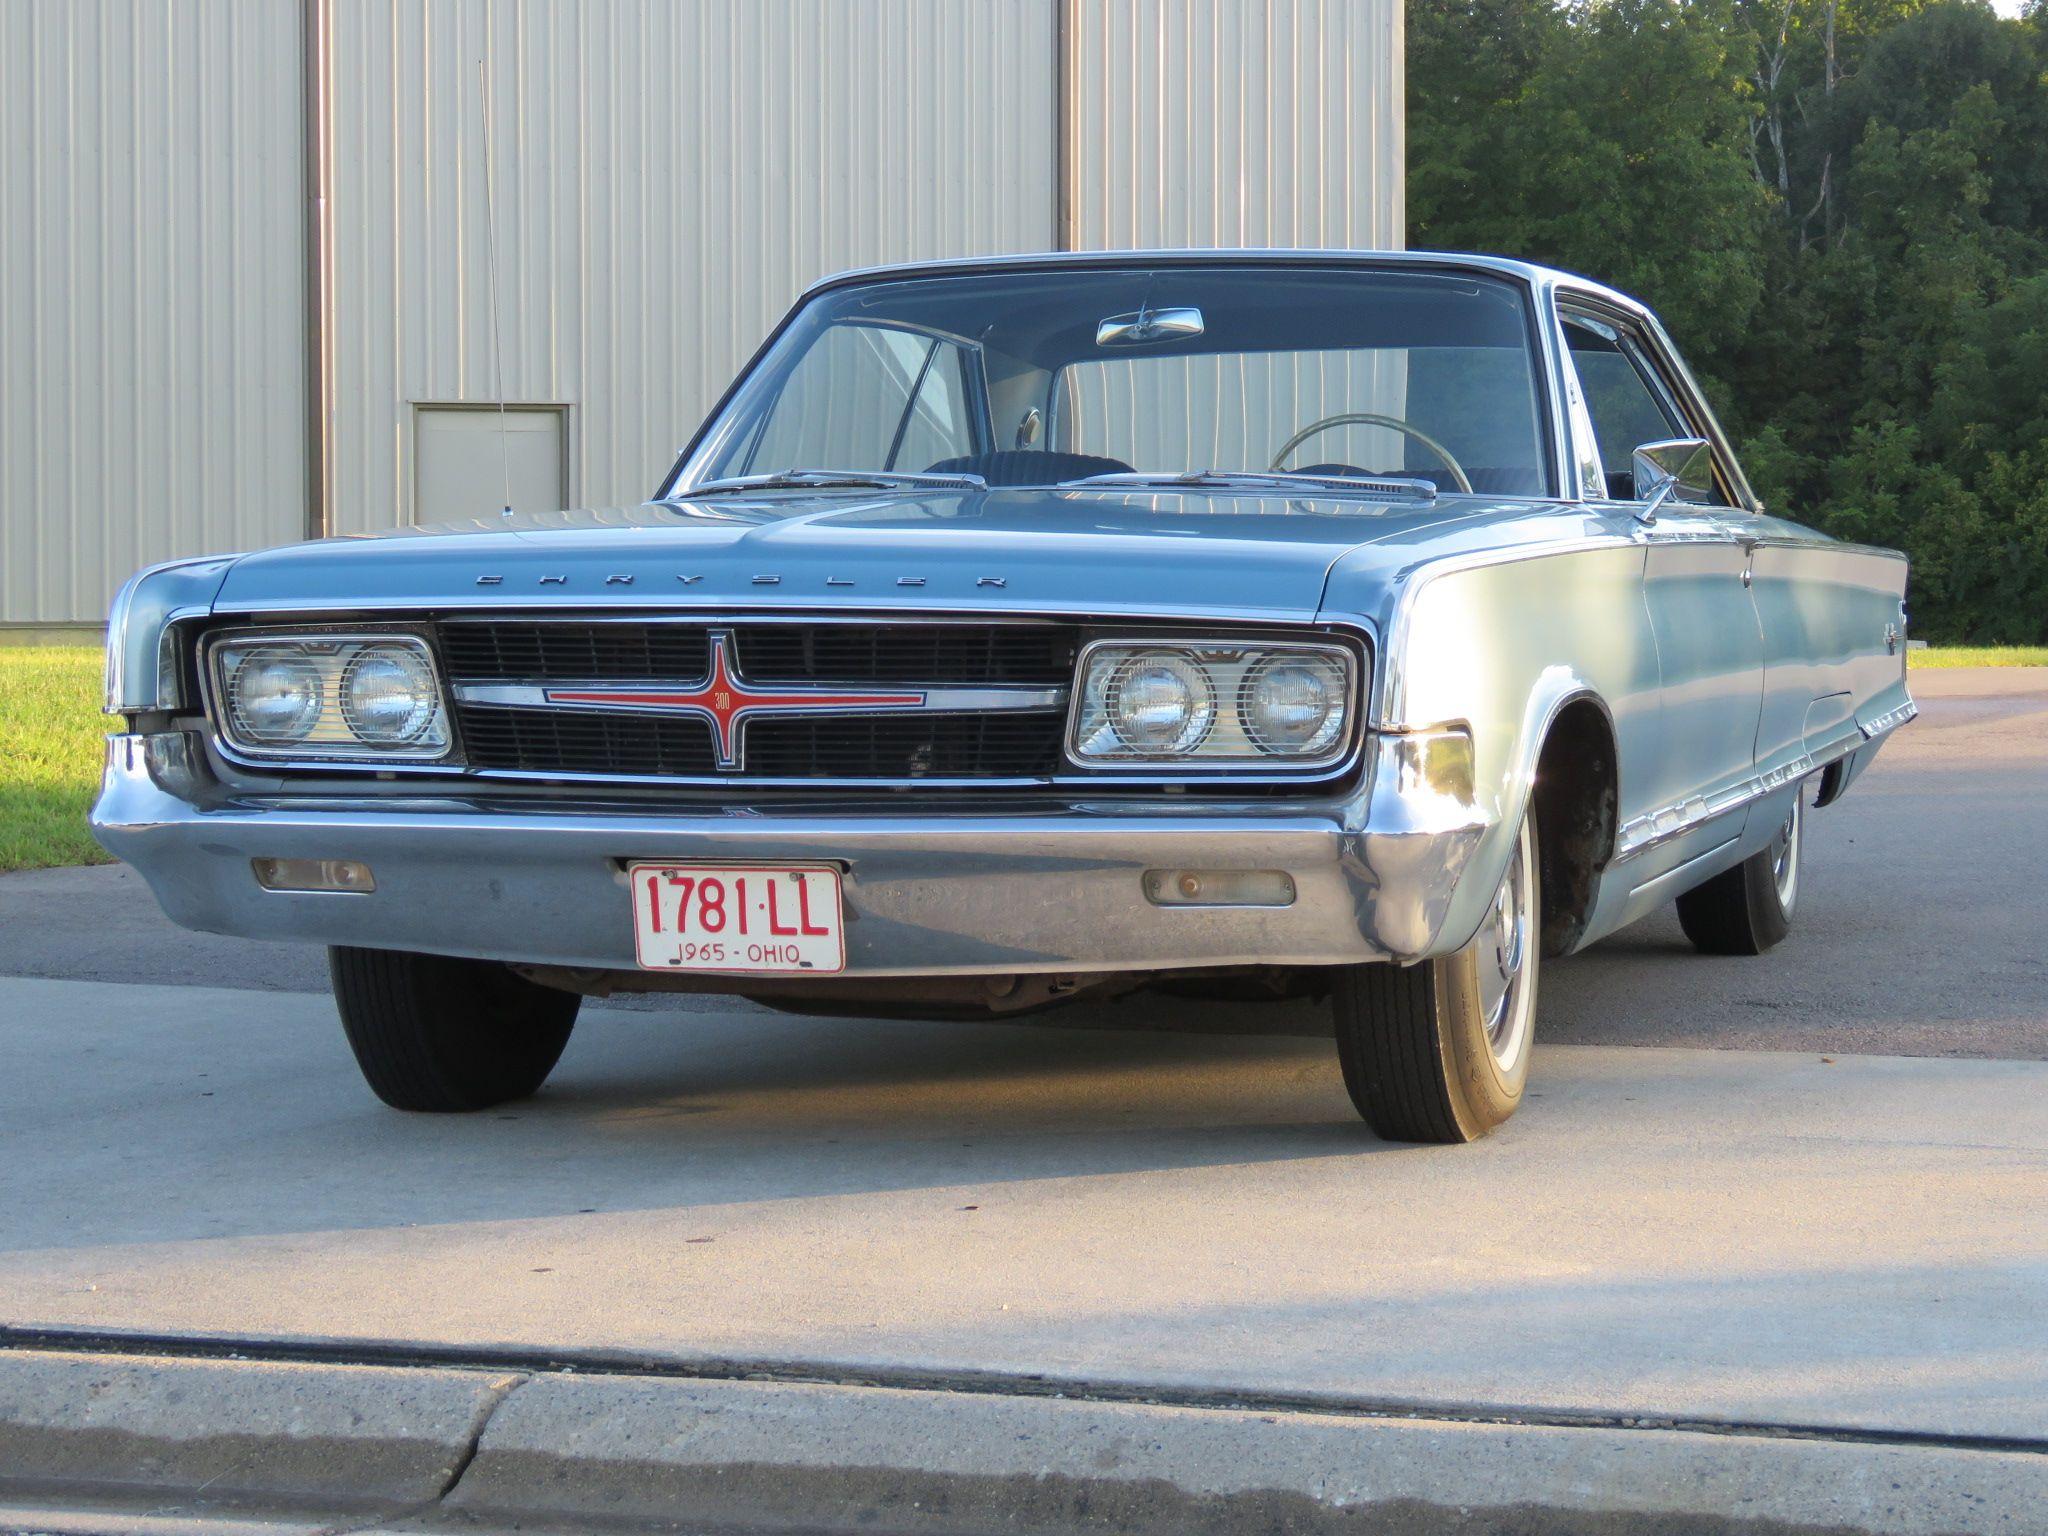 1965 Chrysler 300 Chrysler 300, Chrysler, Aftermarket